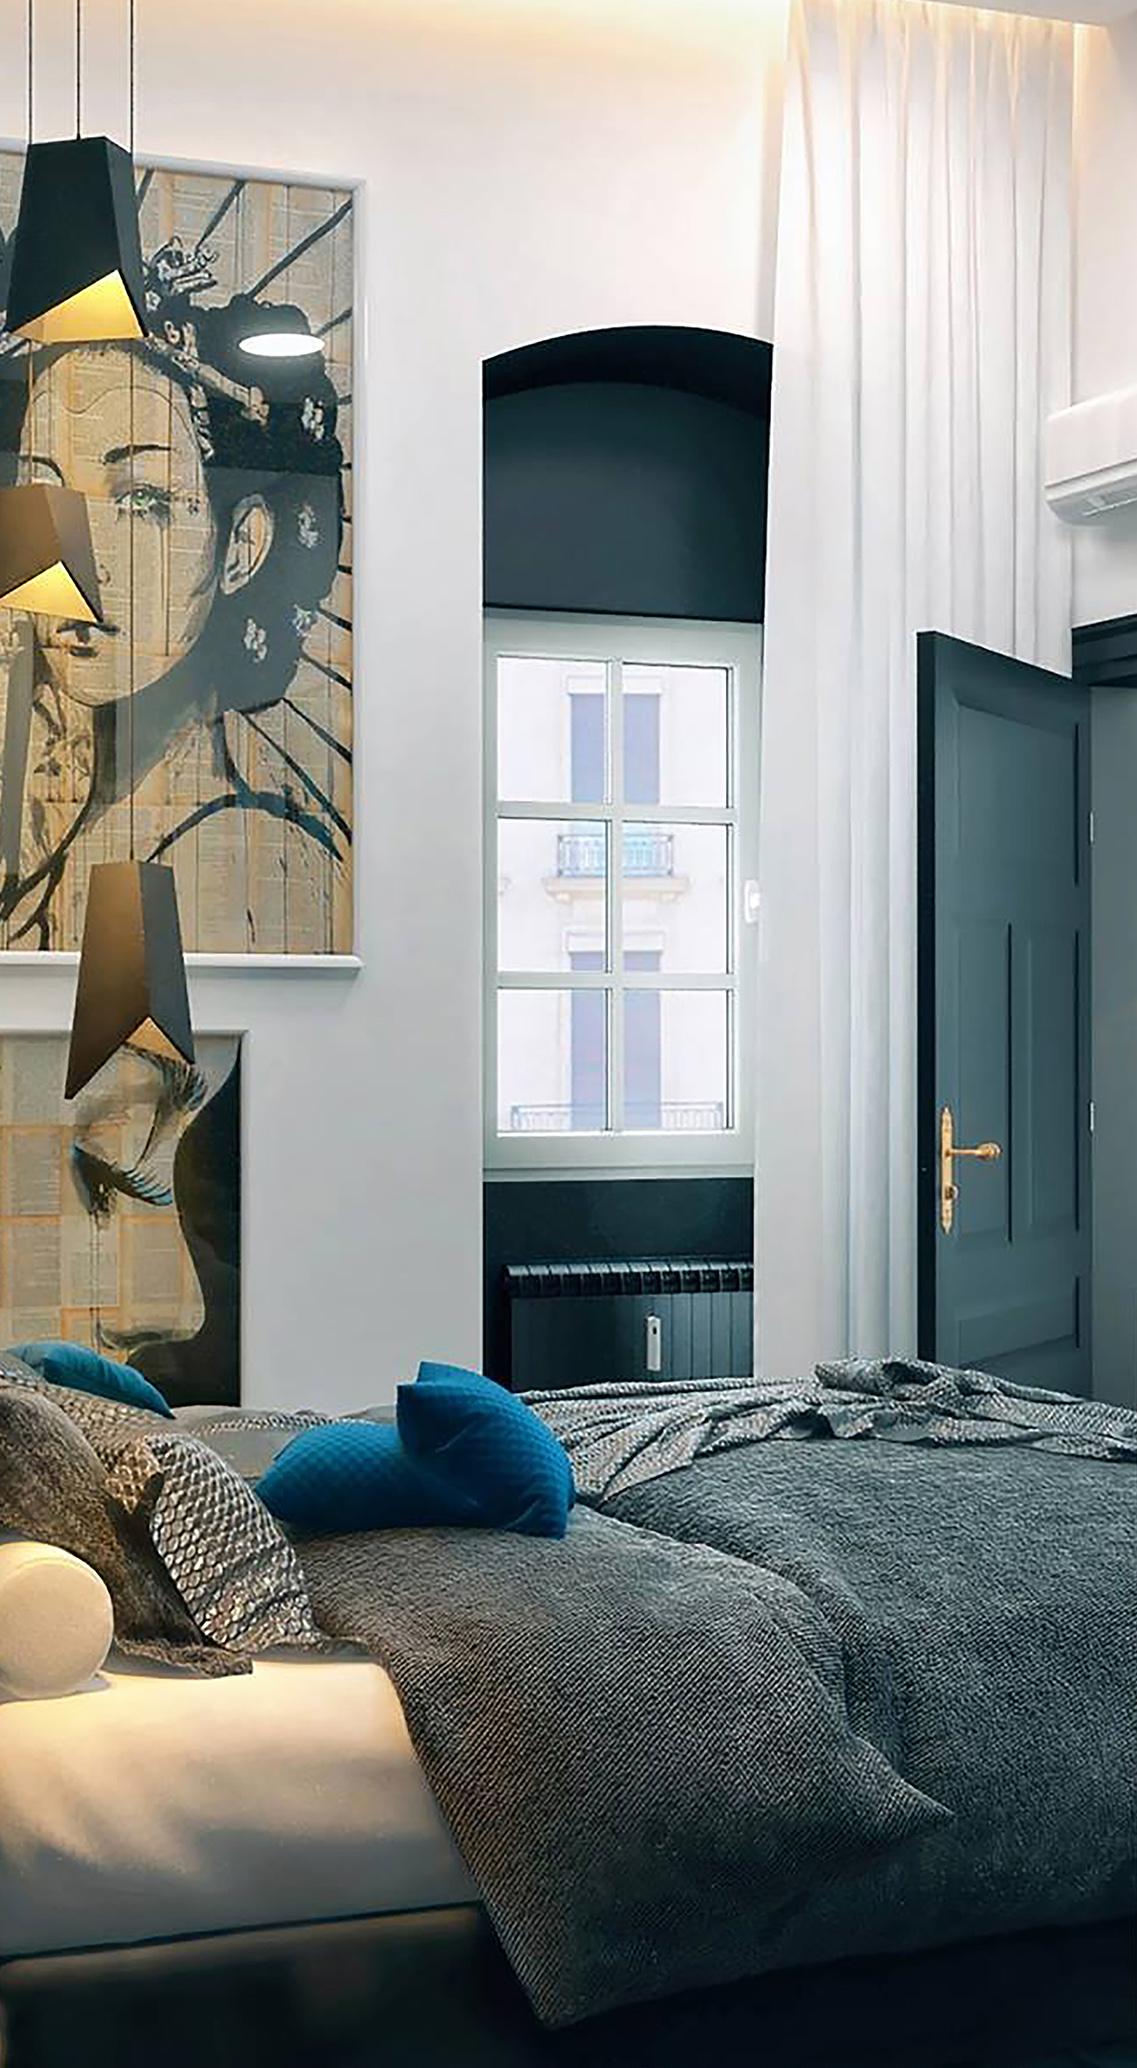 Apartment Interior - B